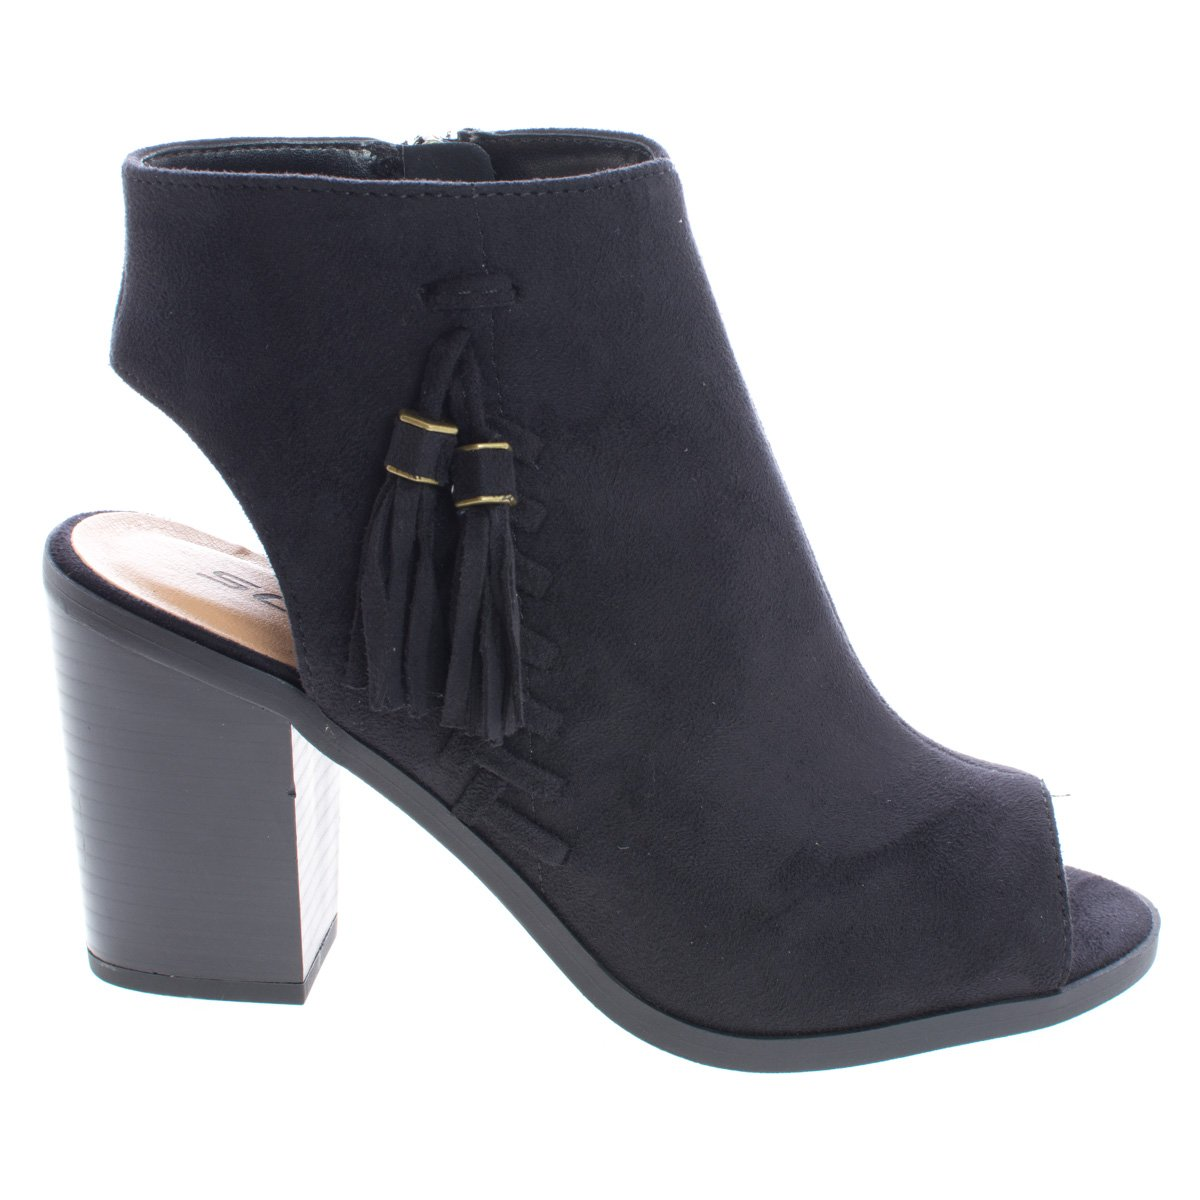 Ankle Booties Peep Toe Sling Back Stack Heel Booties w Tassel /& Zipper